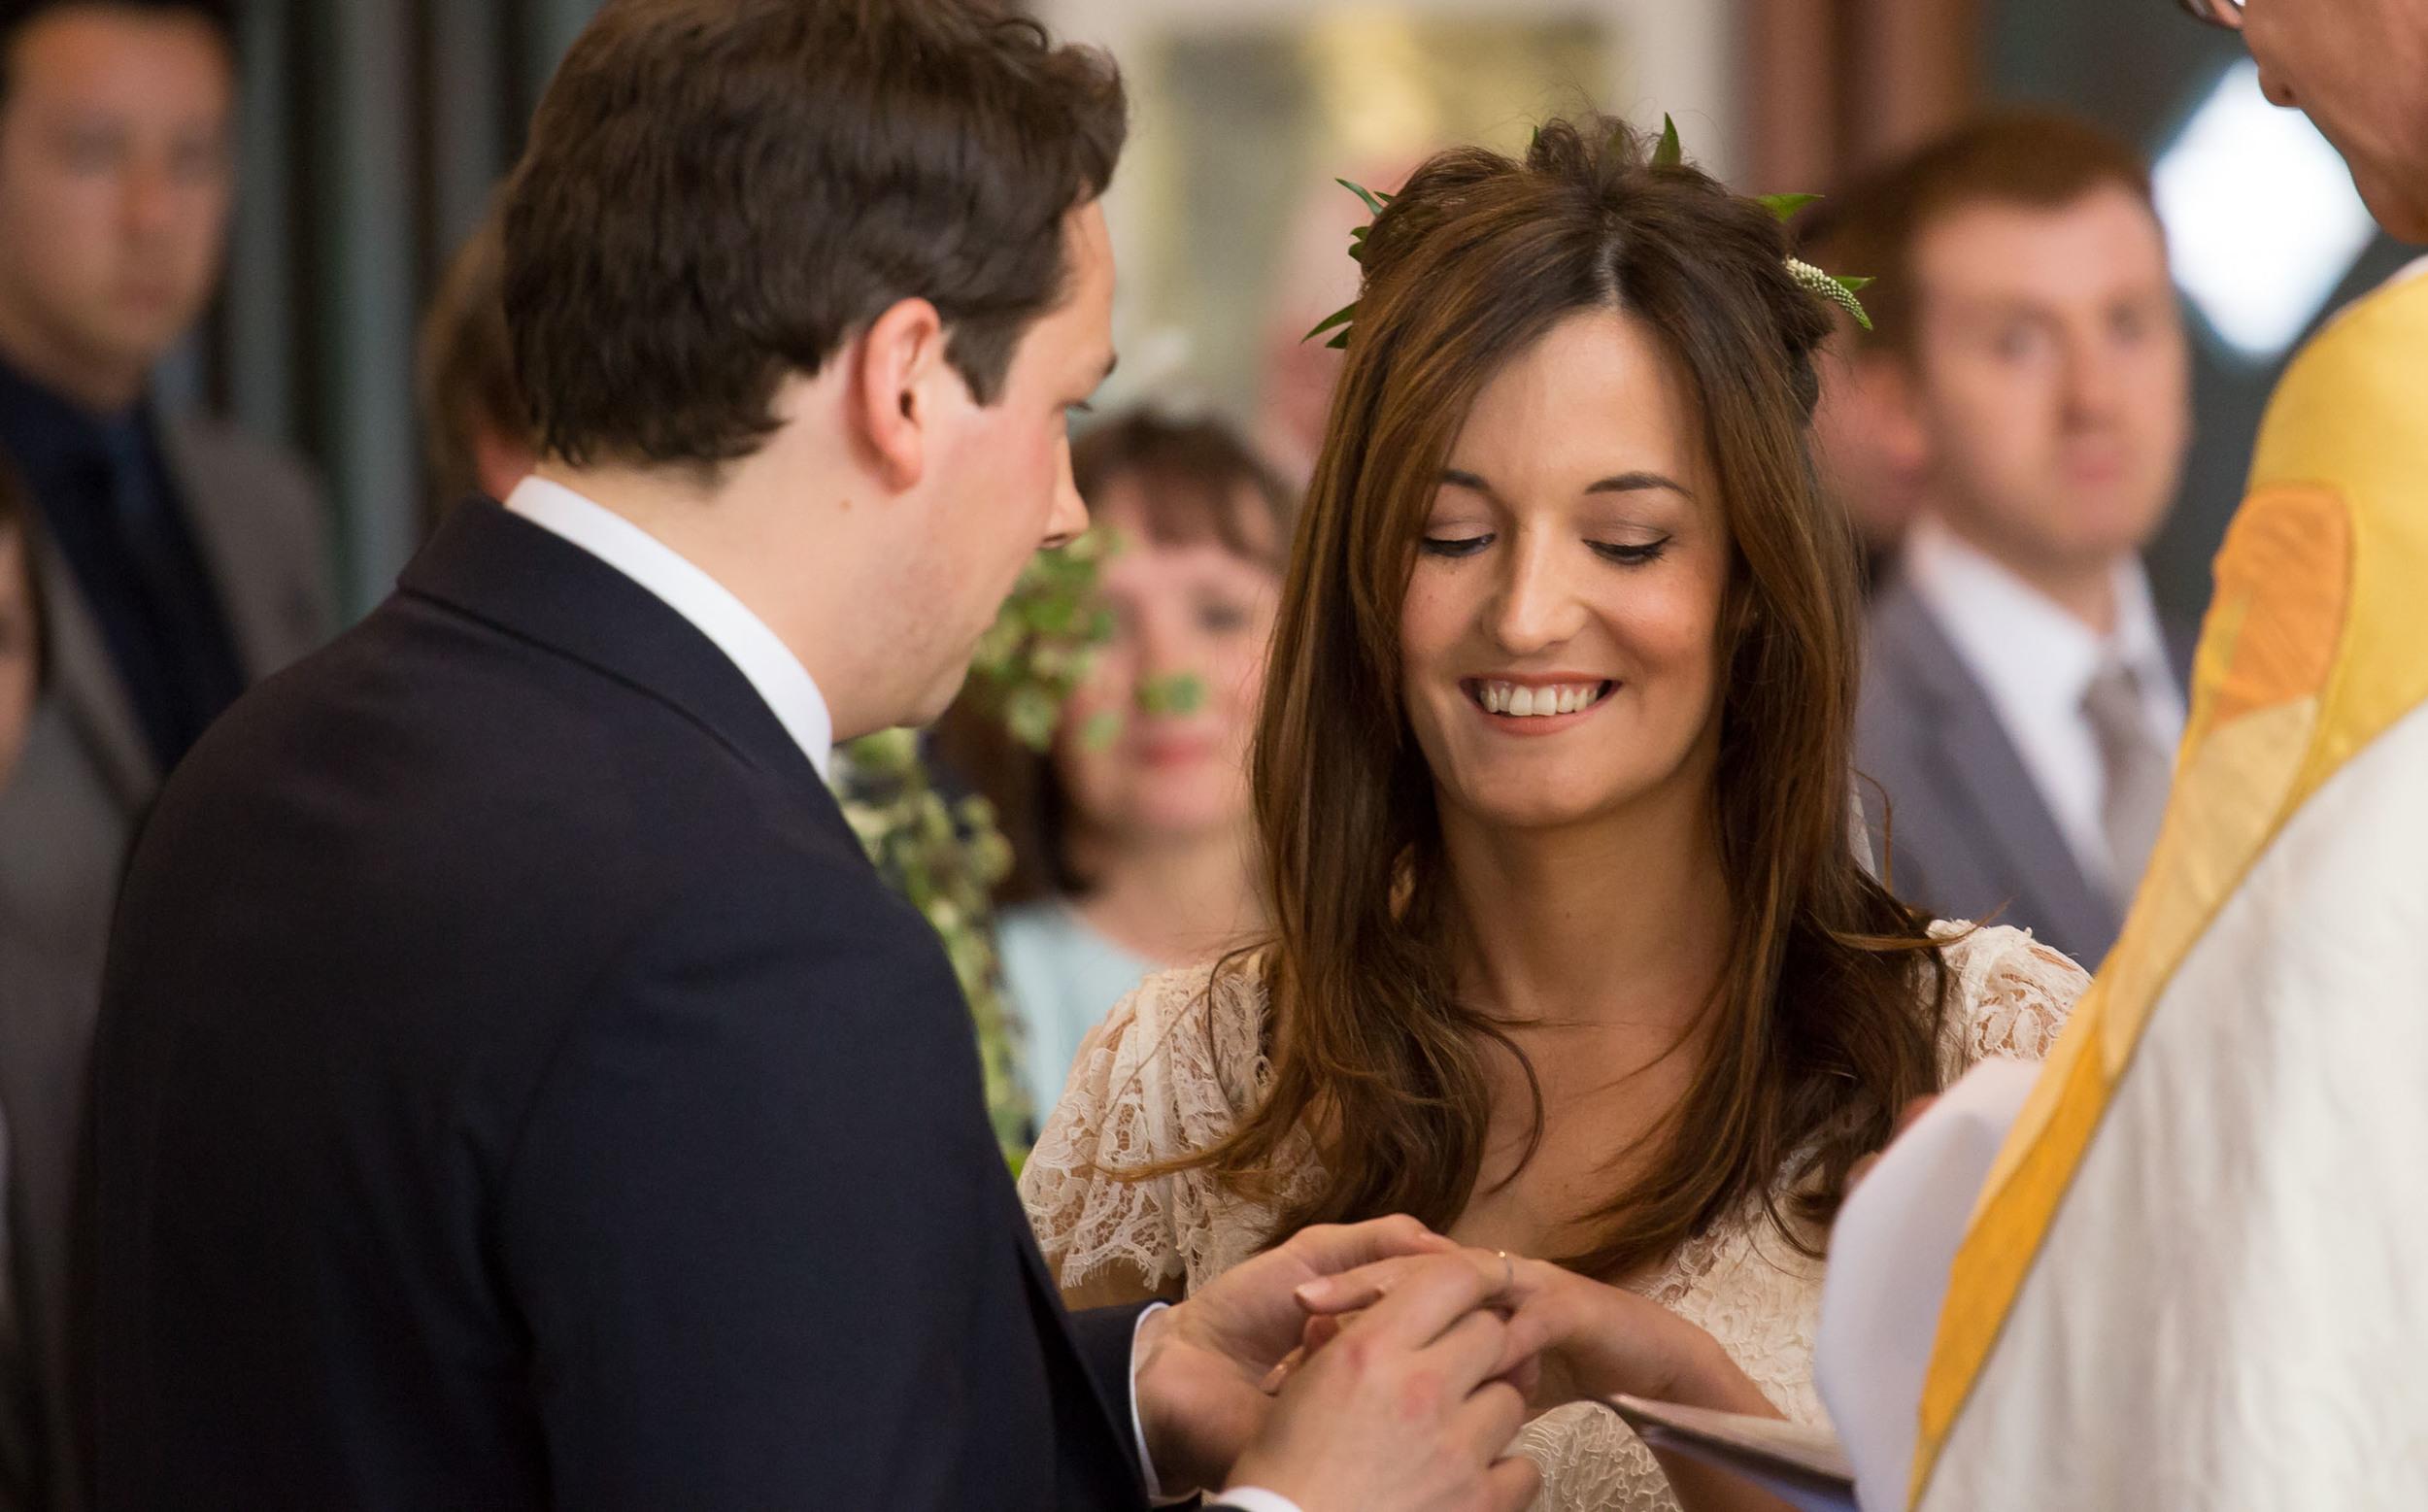 barnes-wedding-adam-rowley-photographer-vows